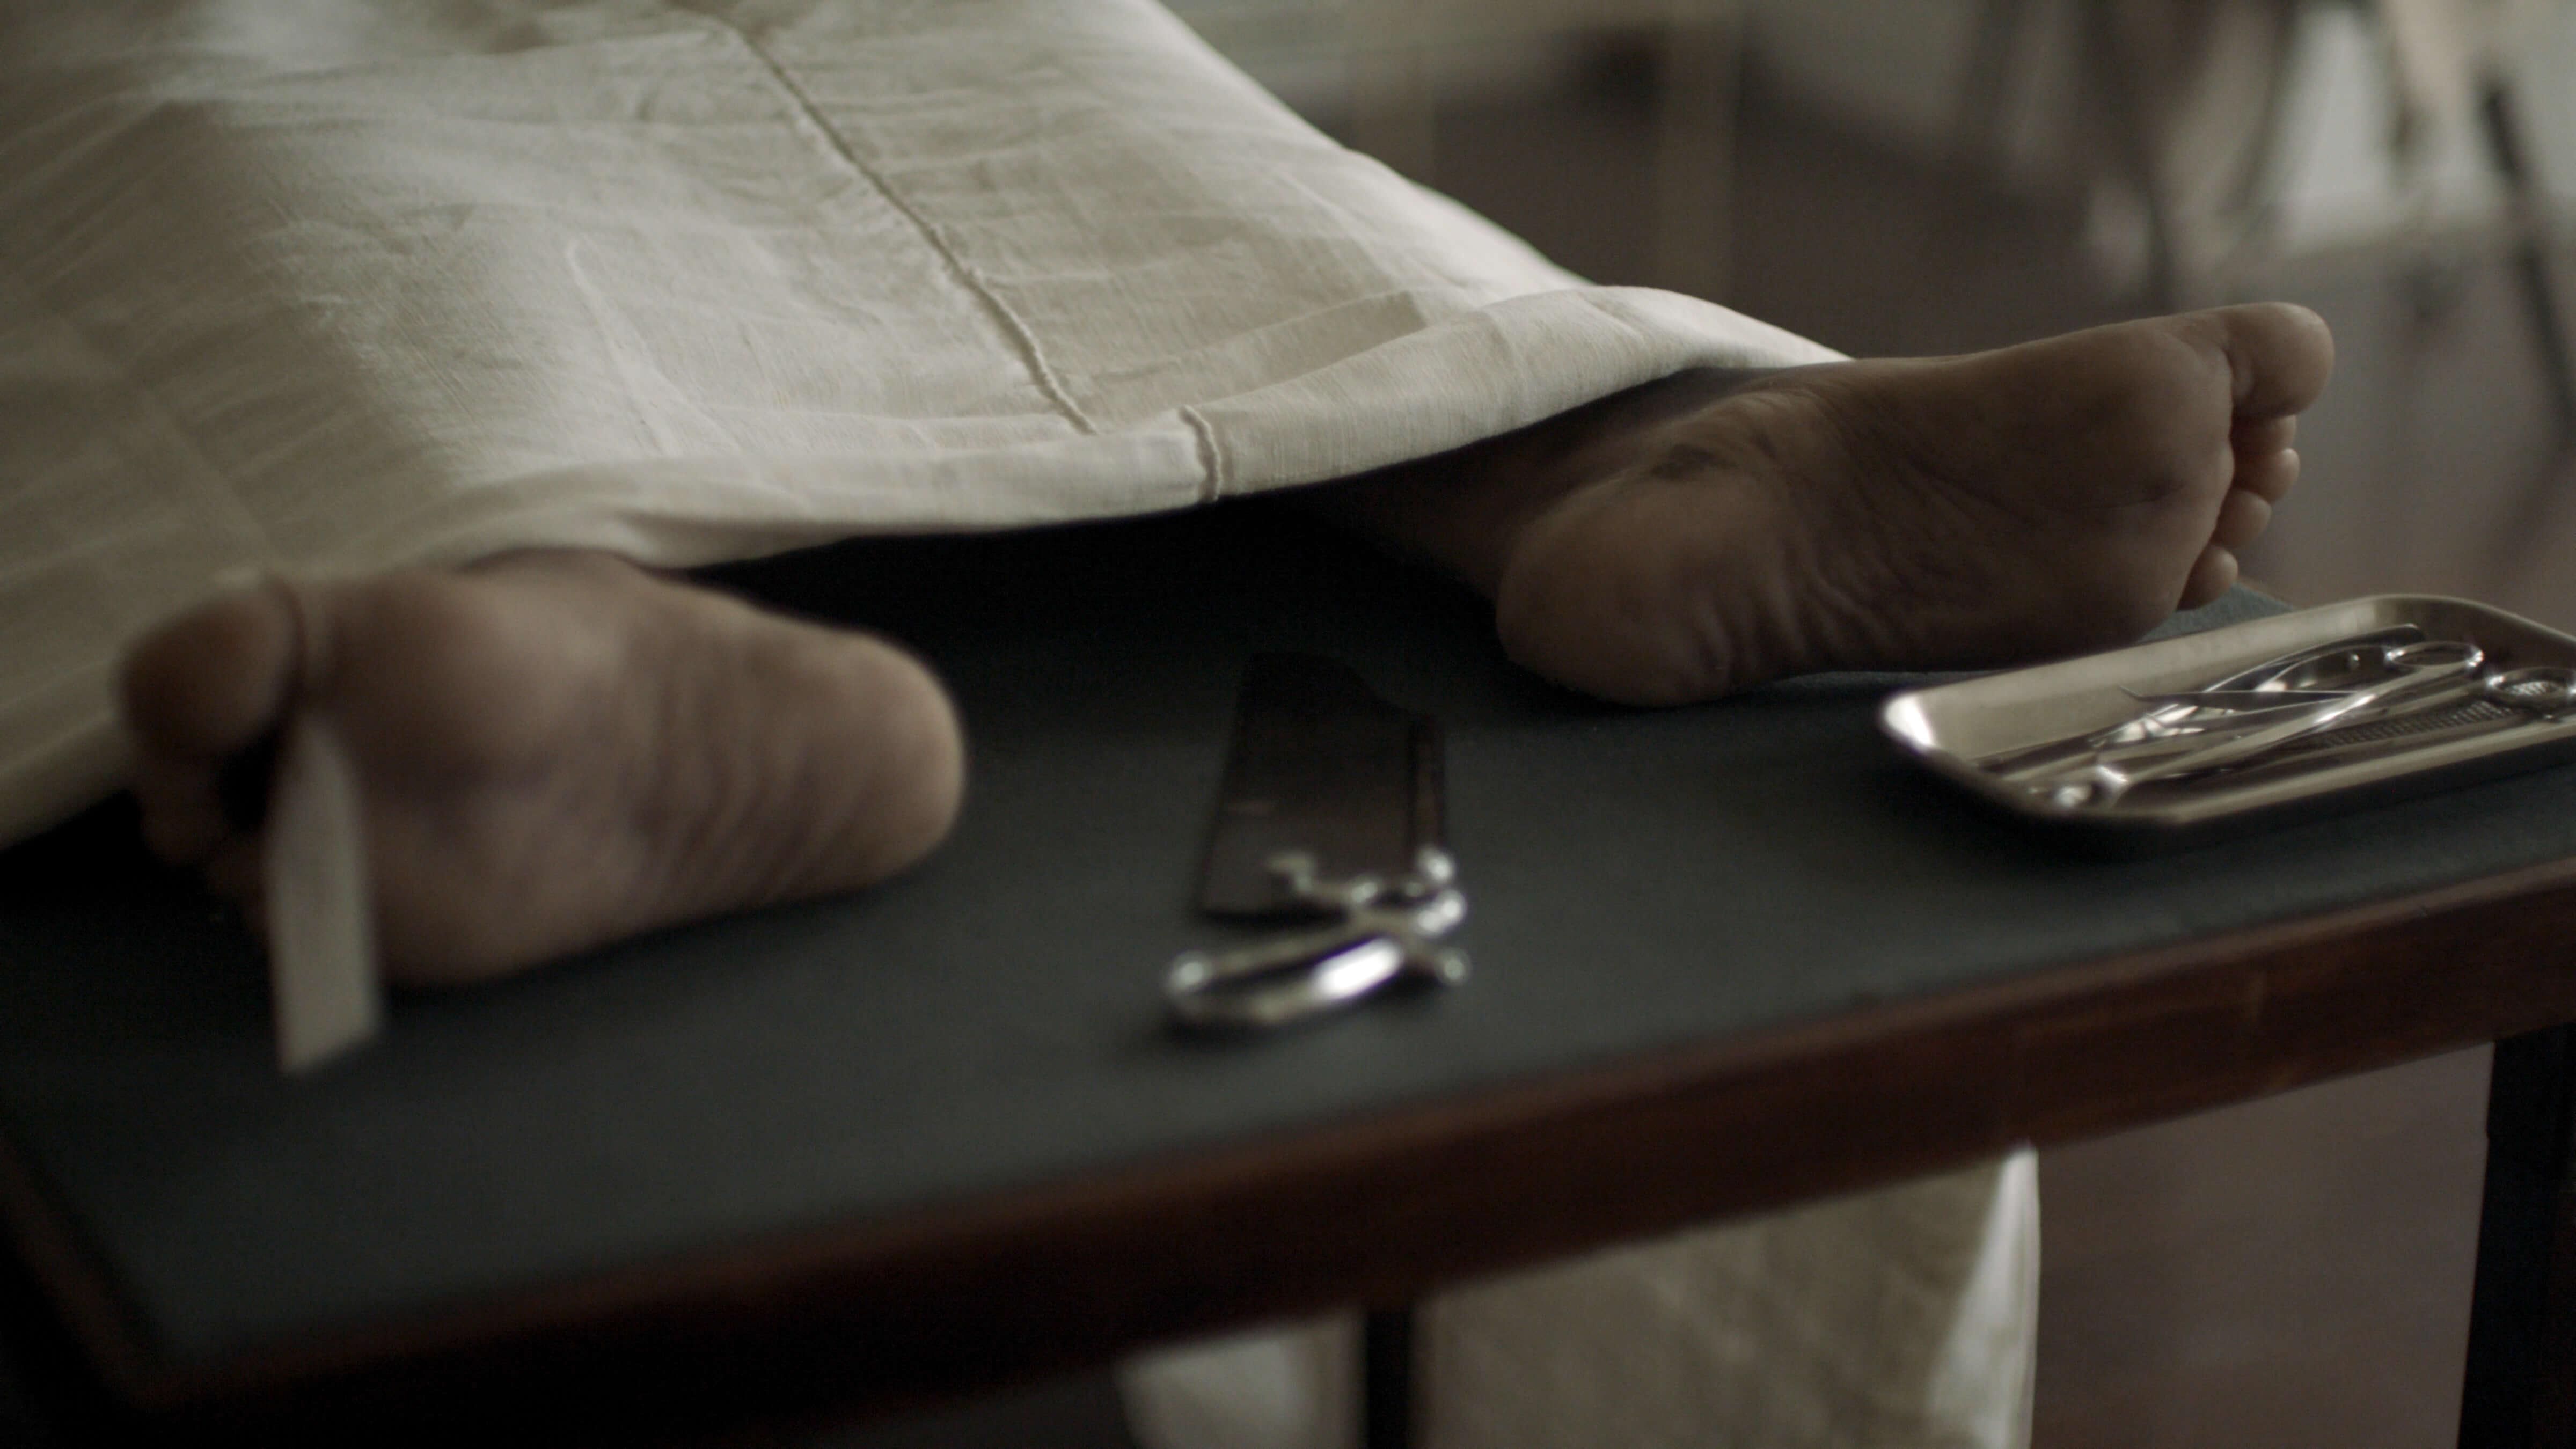 feet on an autopsy table